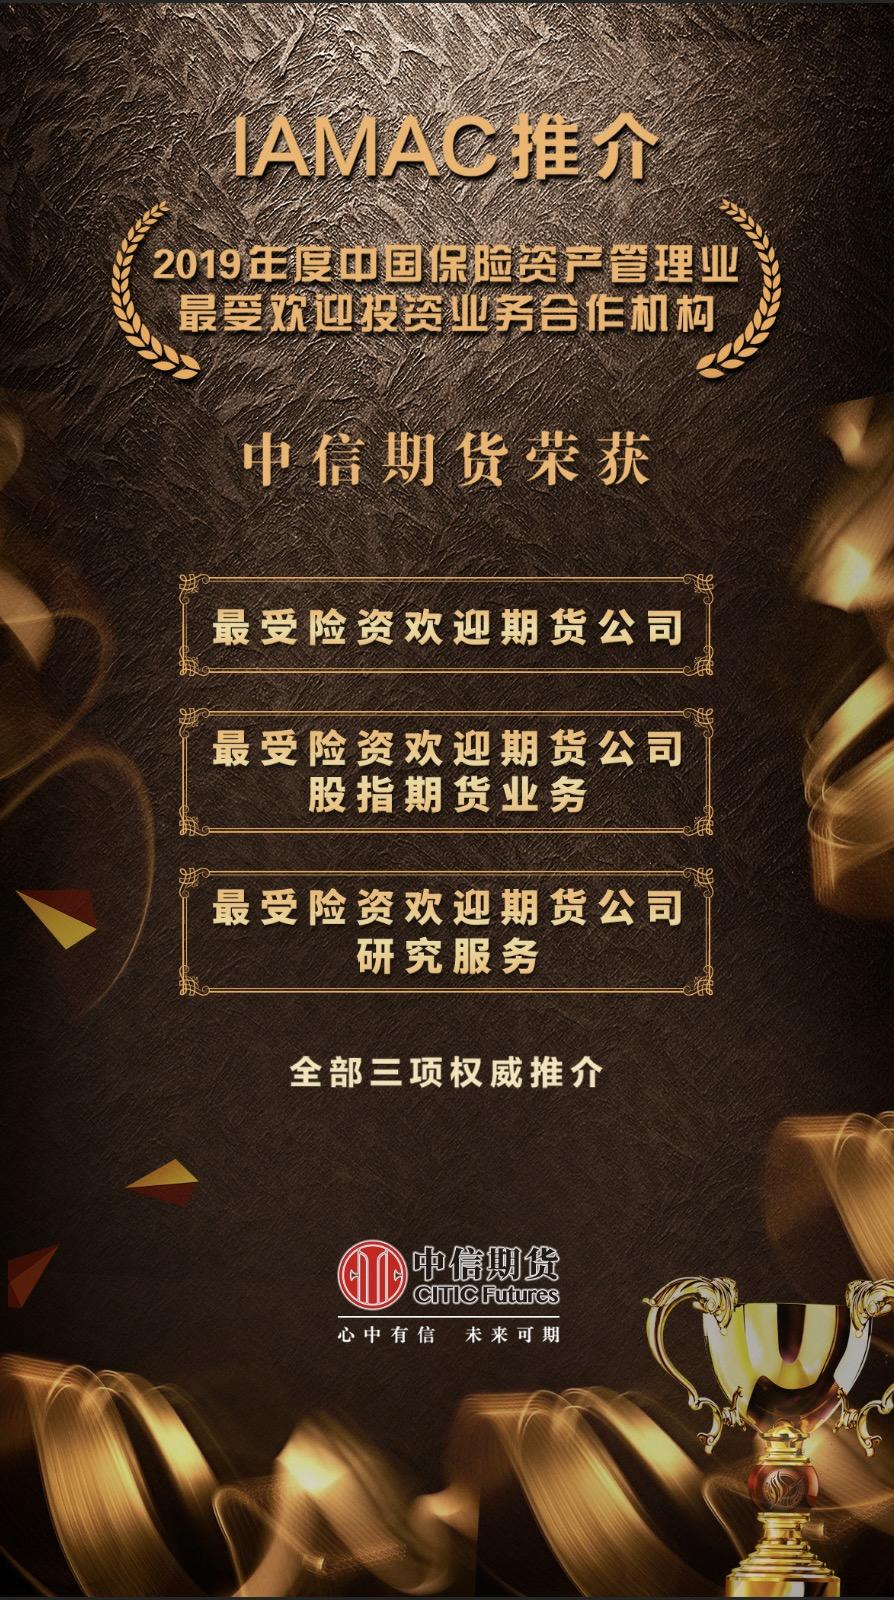 http://www.weixinrensheng.com/caijingmi/2244907.html